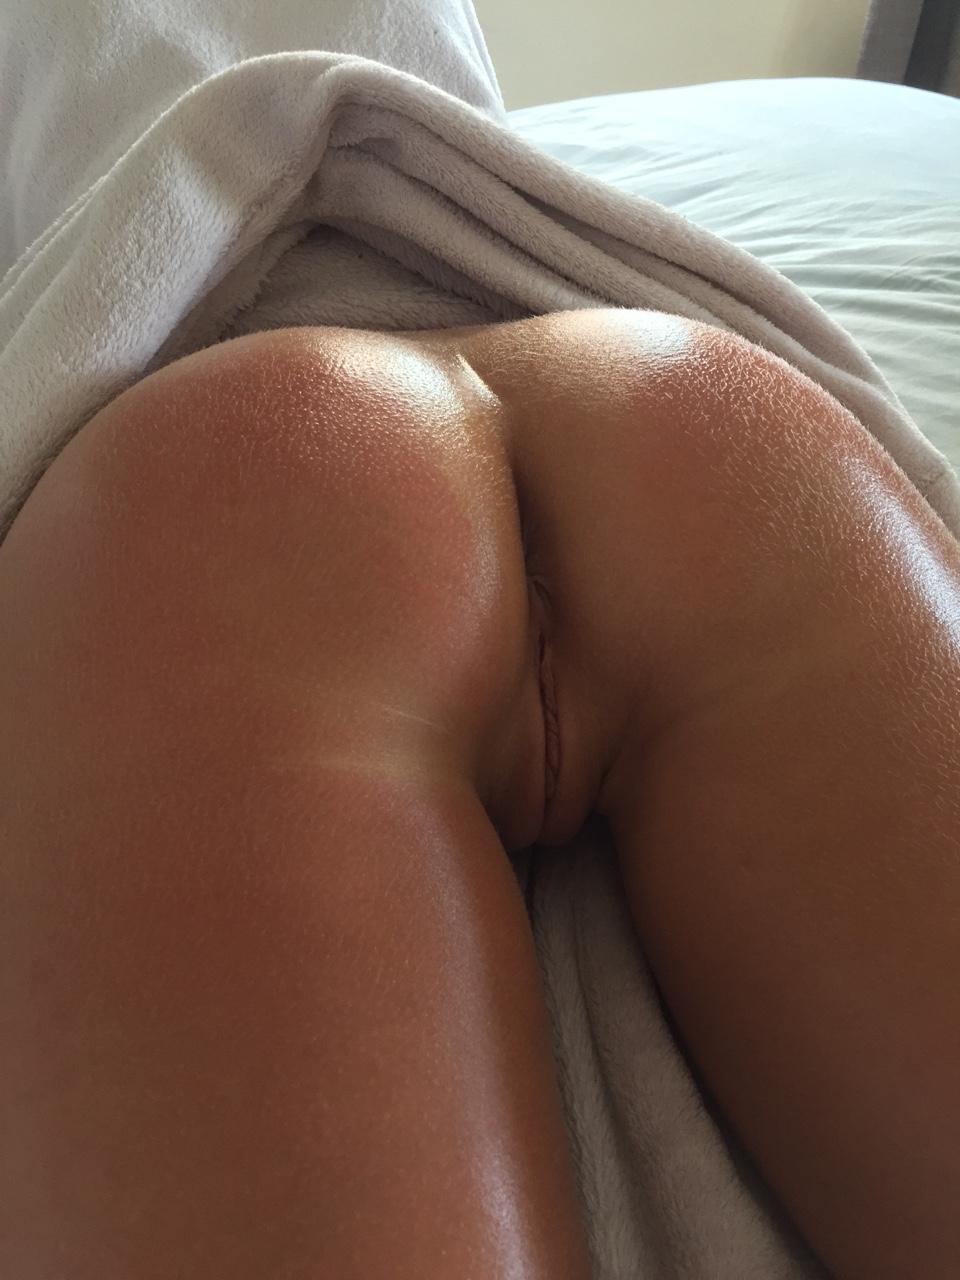 Weekly erotic picdump - 36/2017 - 86